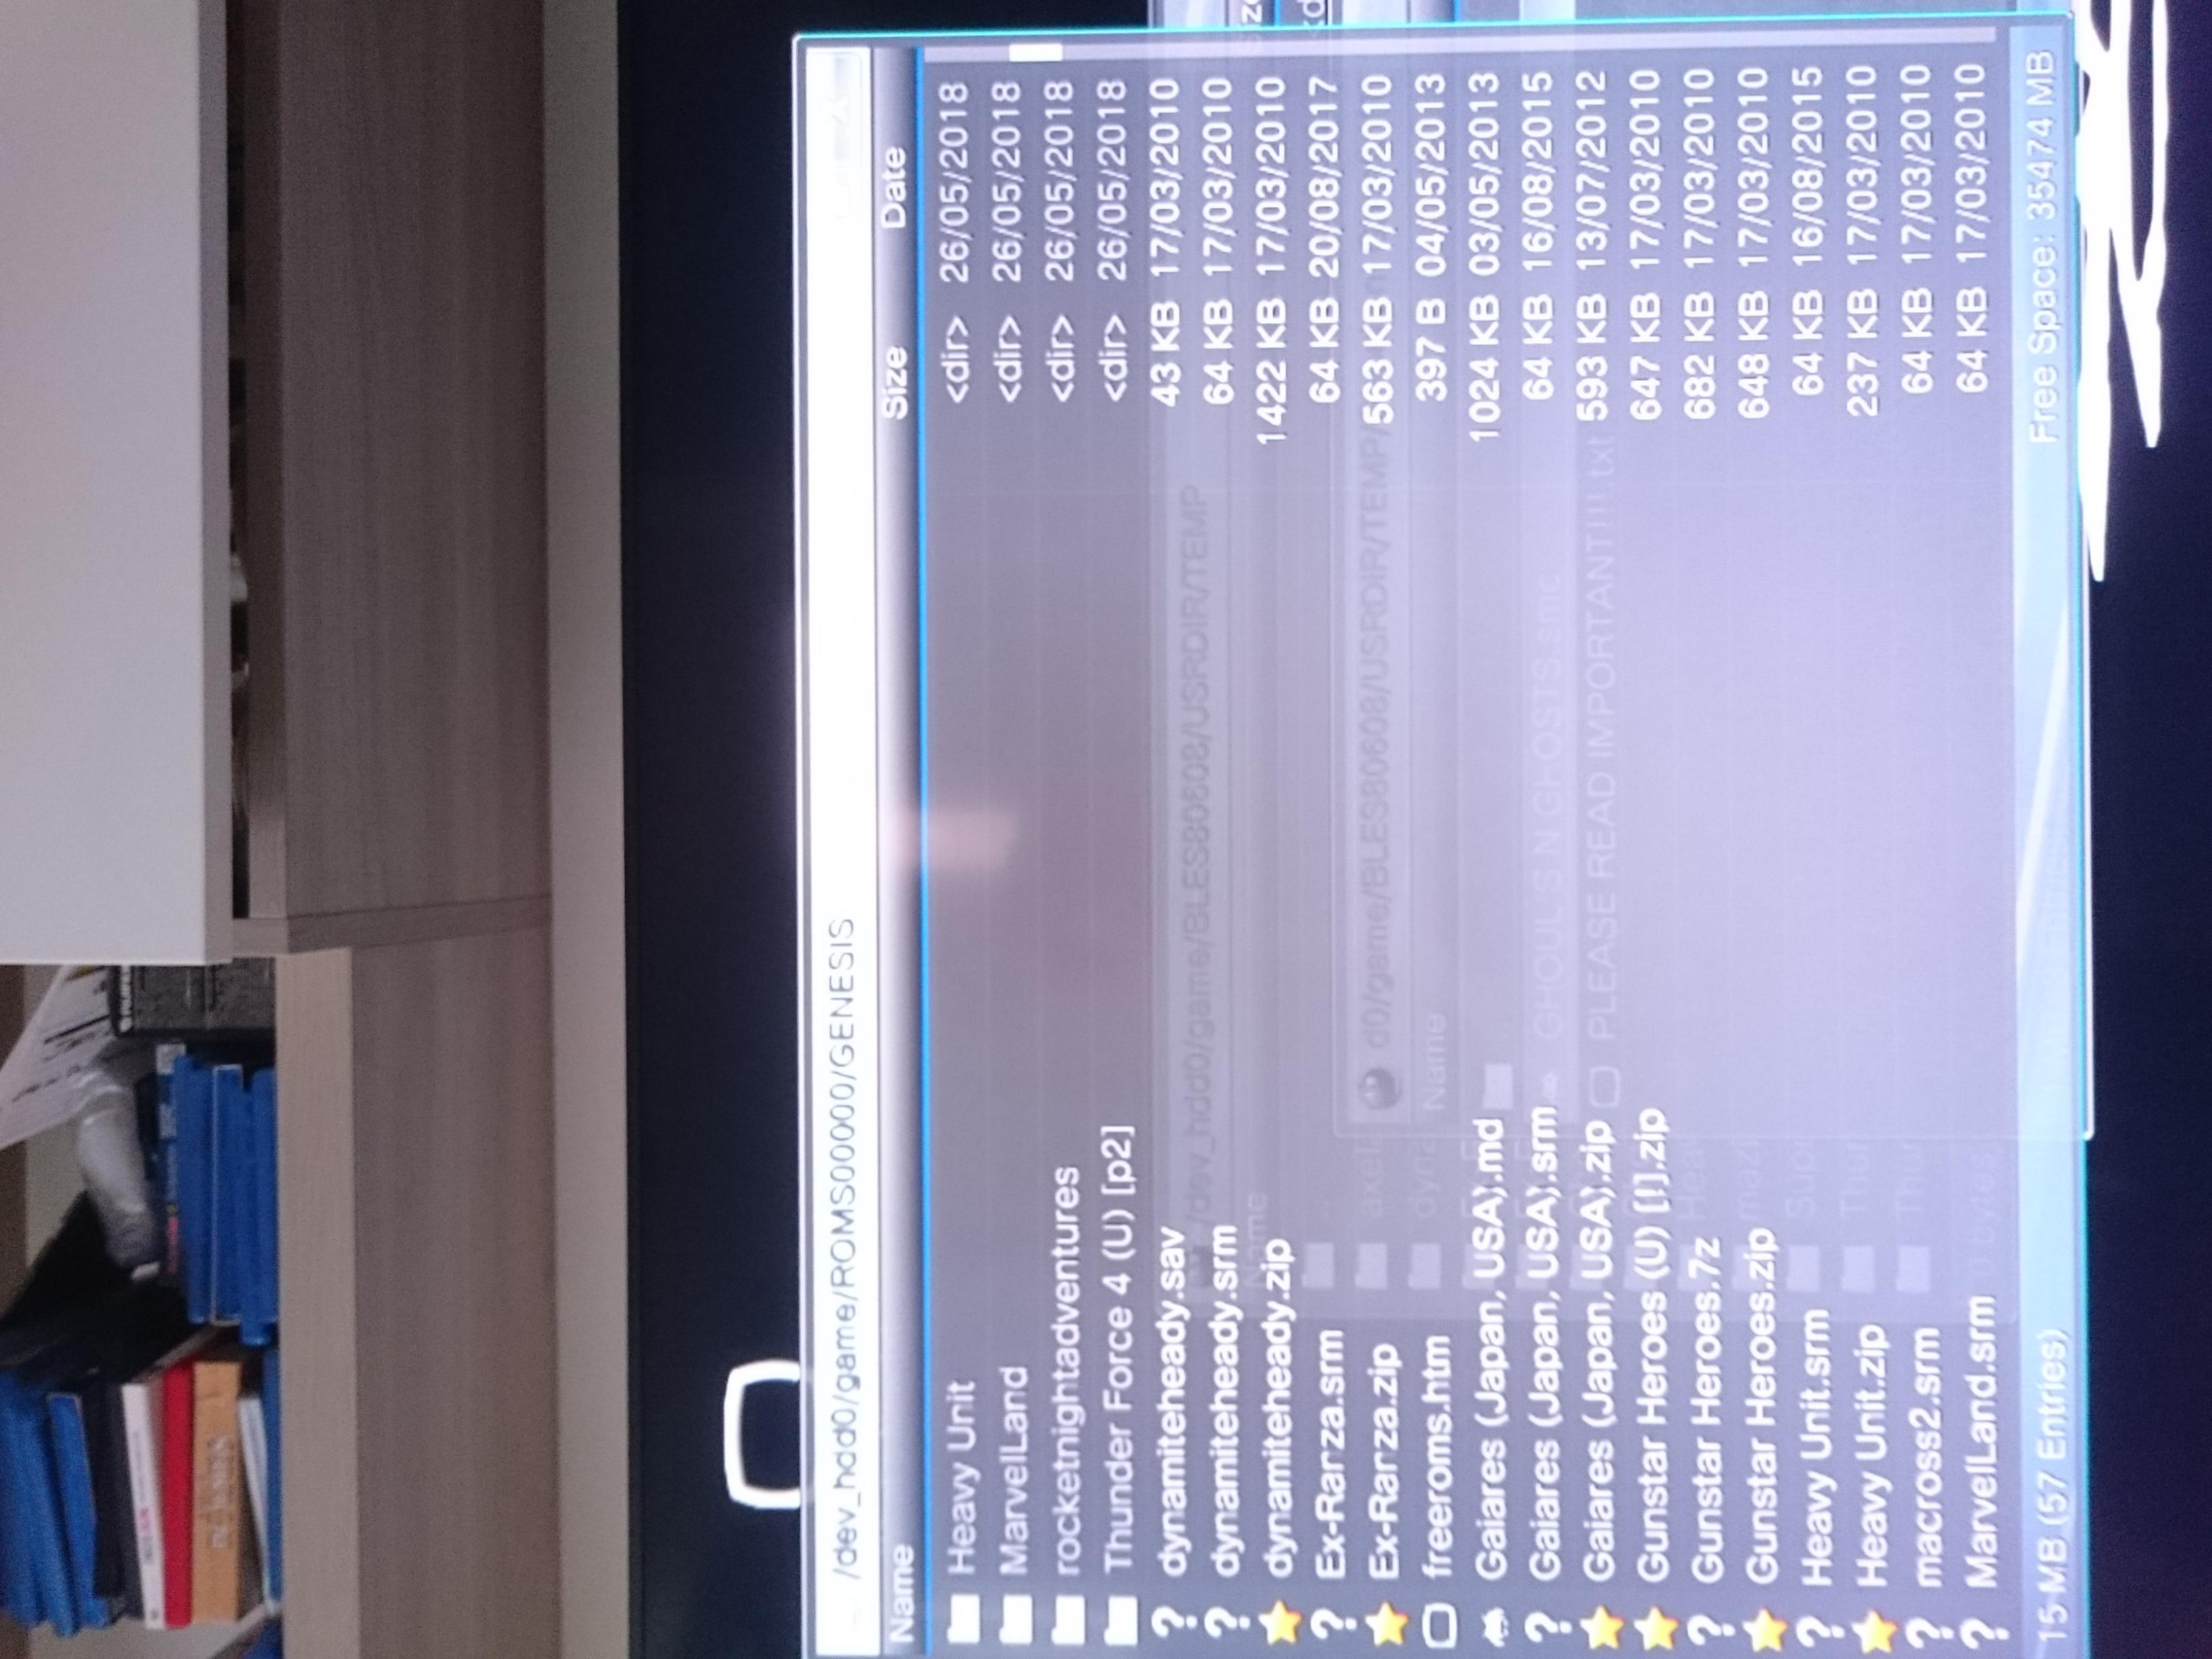 0f4f4855fb7054f5c3dc5f45a239f732.jpg